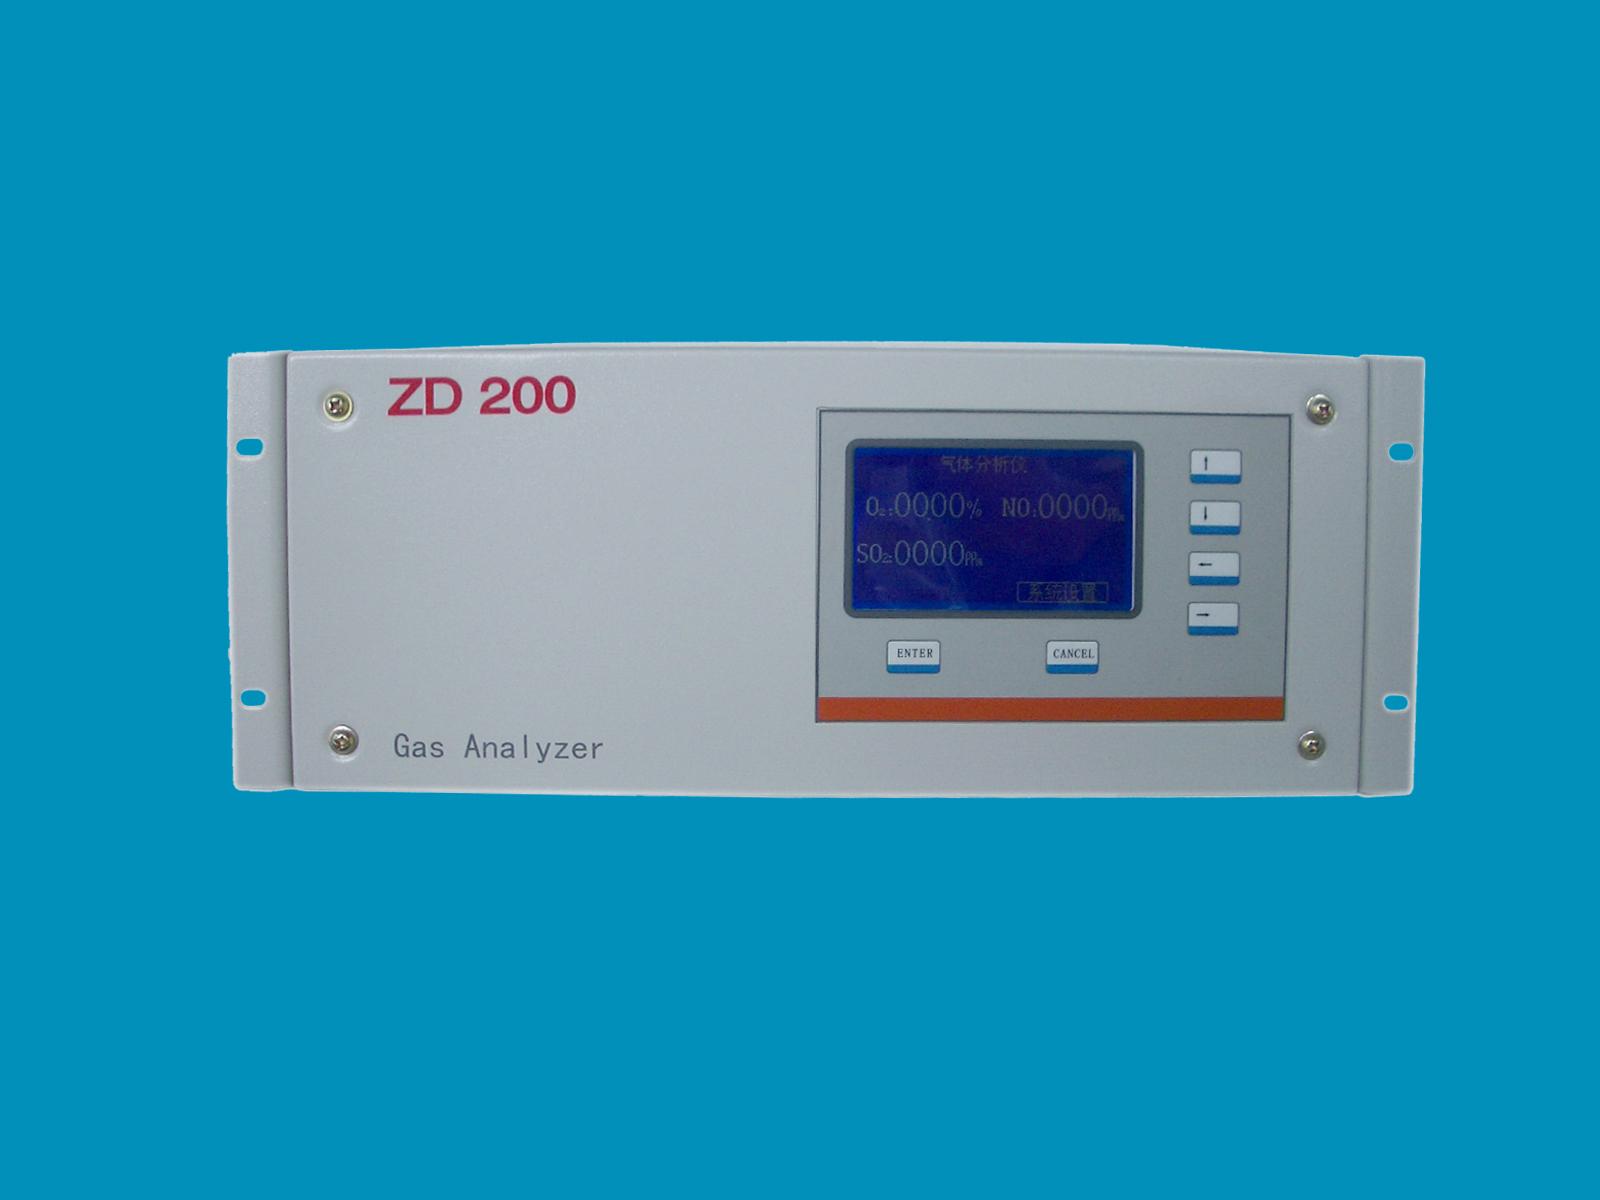 SD200红外气体分析仪